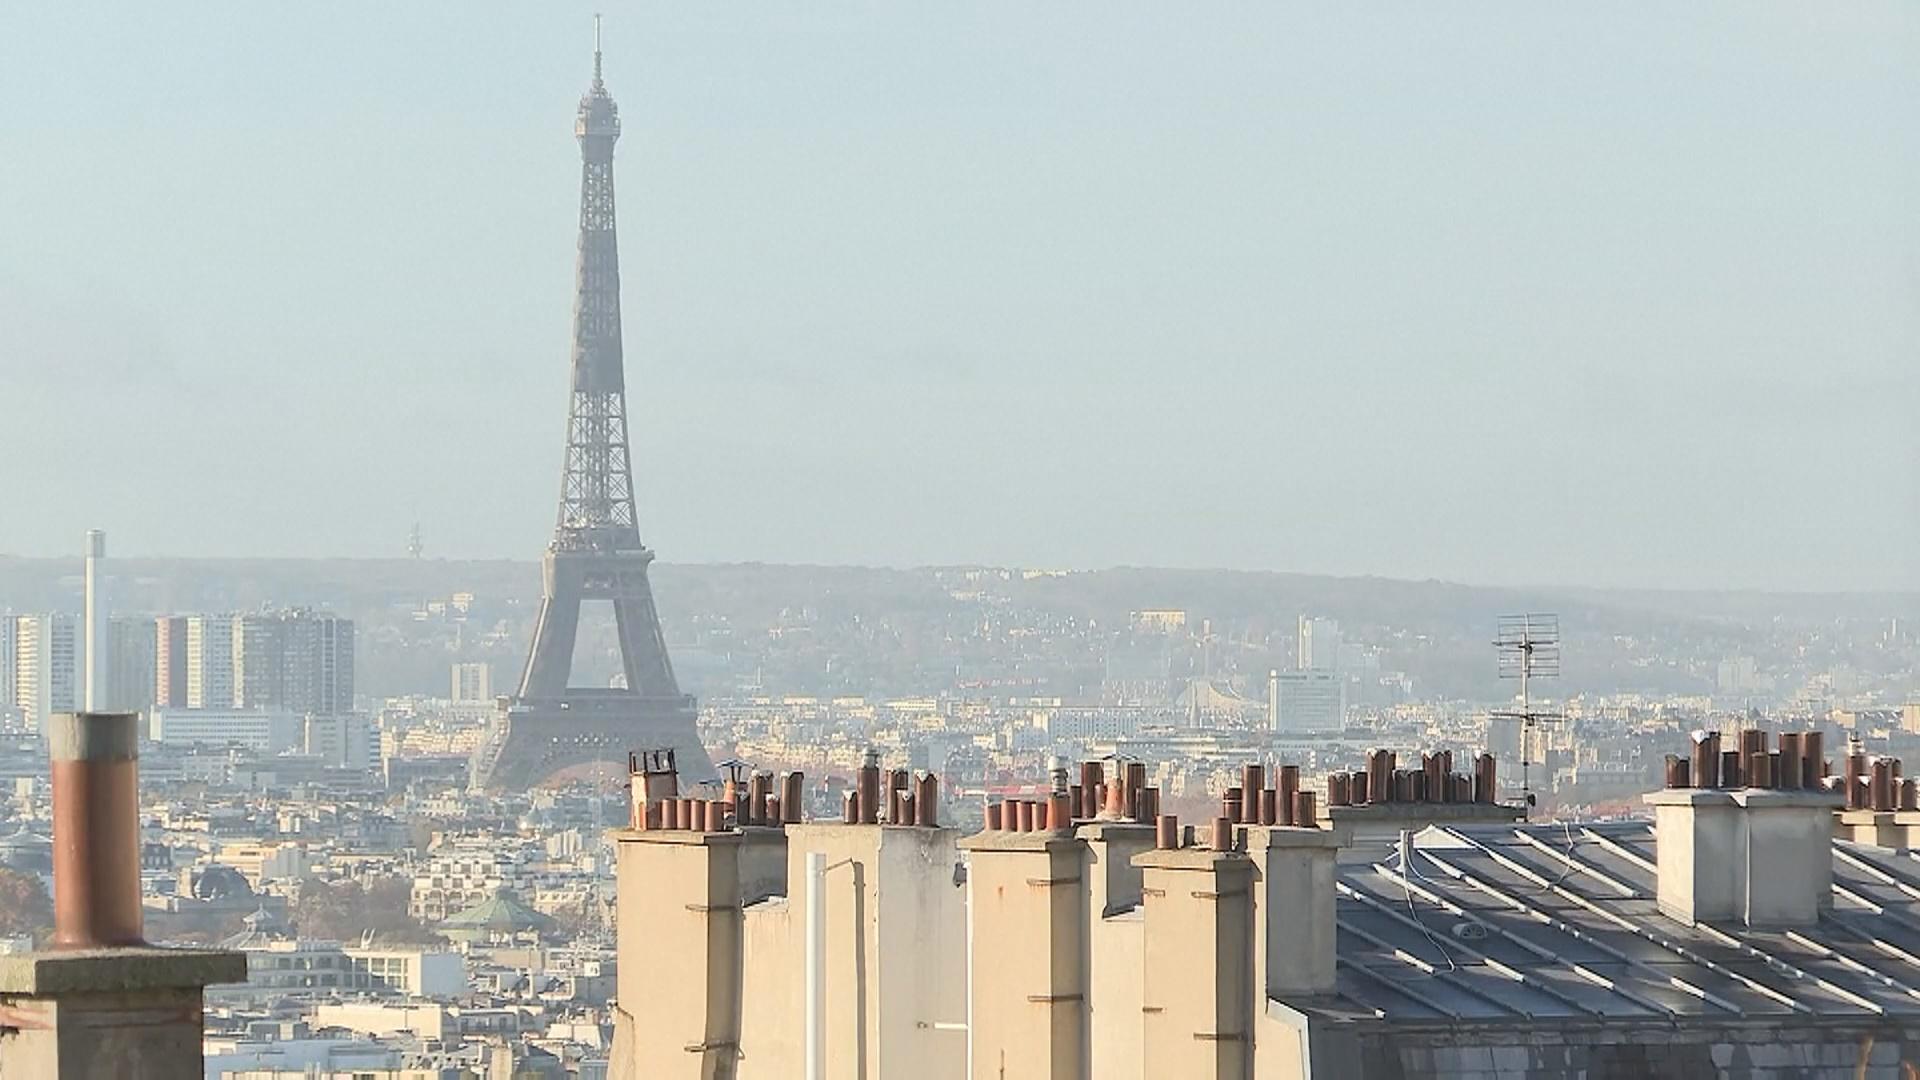 França és un dels països que ja ha anunciat m&